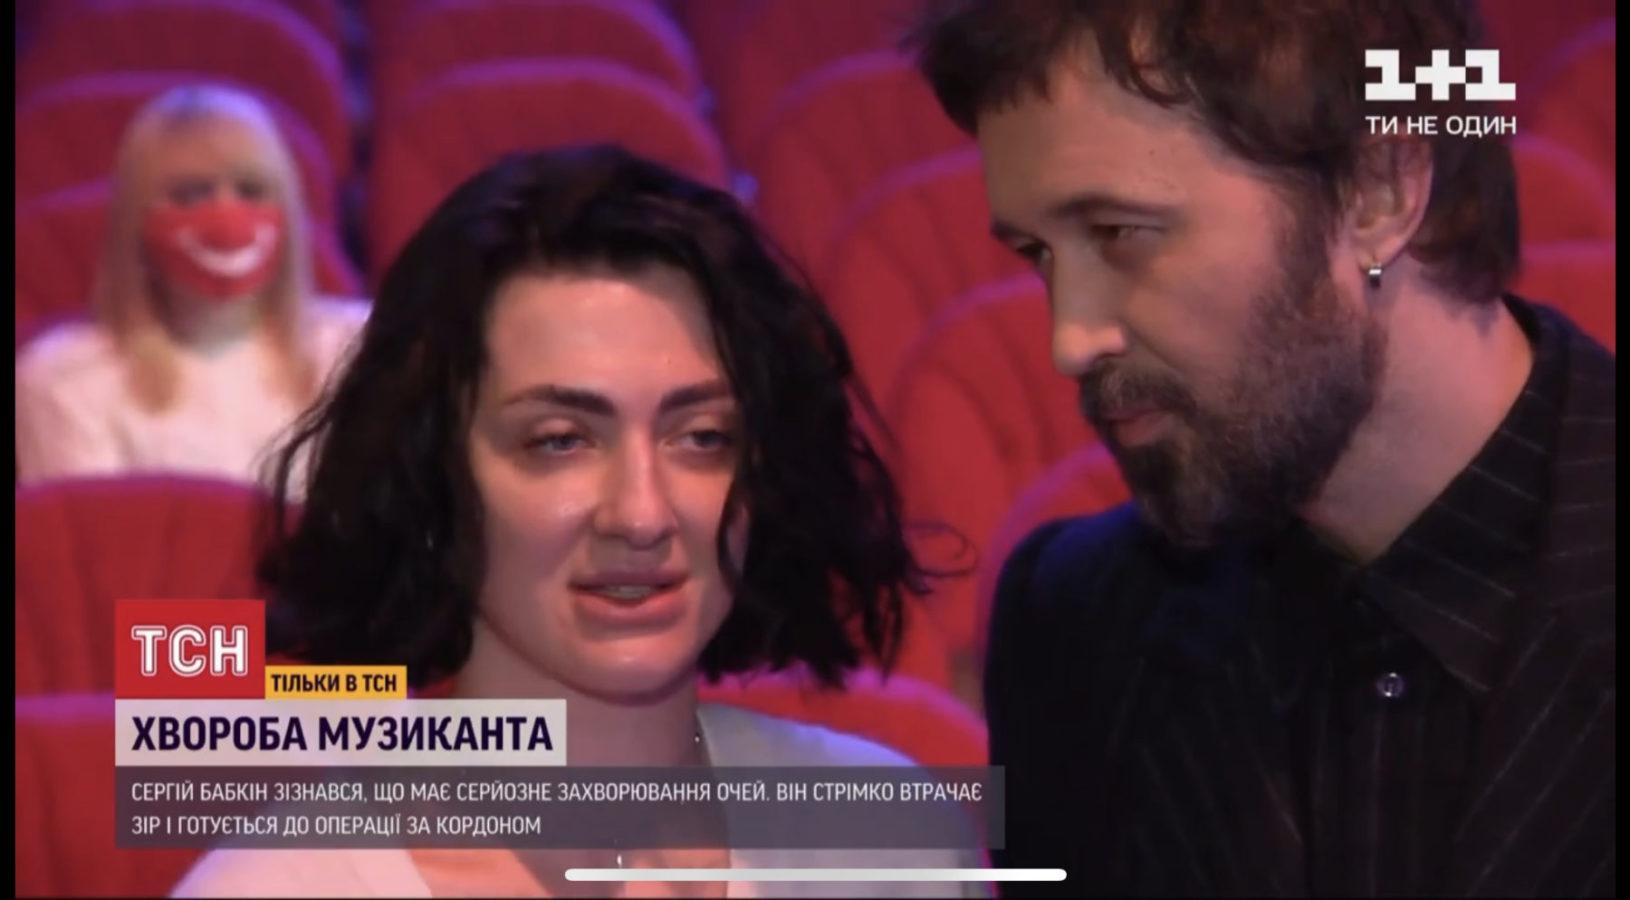 Сніжана ти Сергій Бабкіни дають інтерв'ю